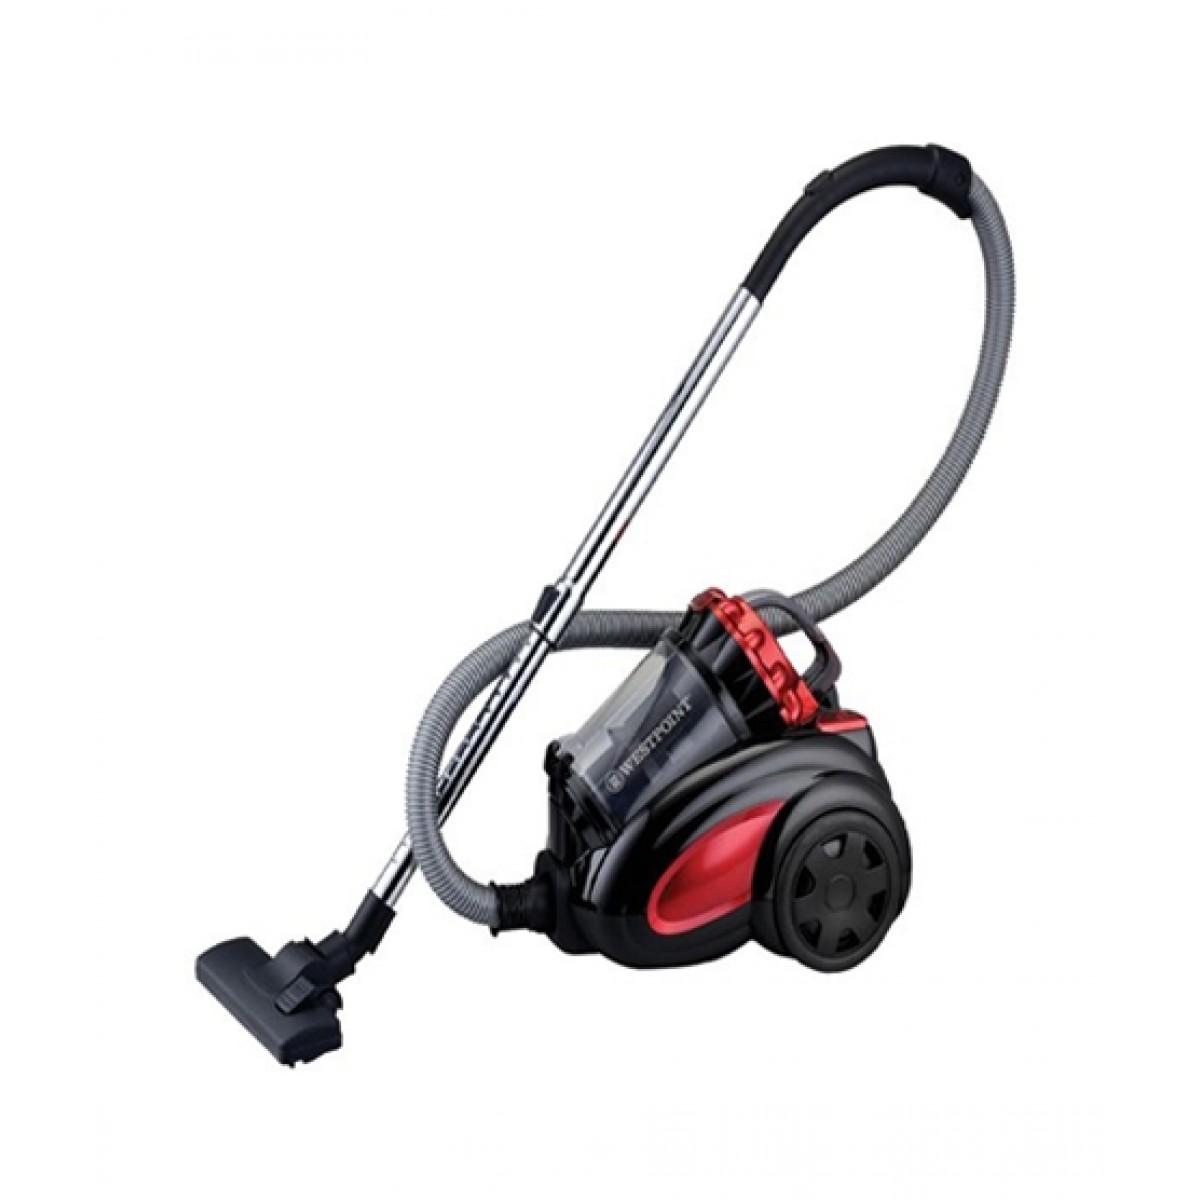 Westpoint Deluxe Multi Cyclone Vacuum Cleaner Wf 238 Price